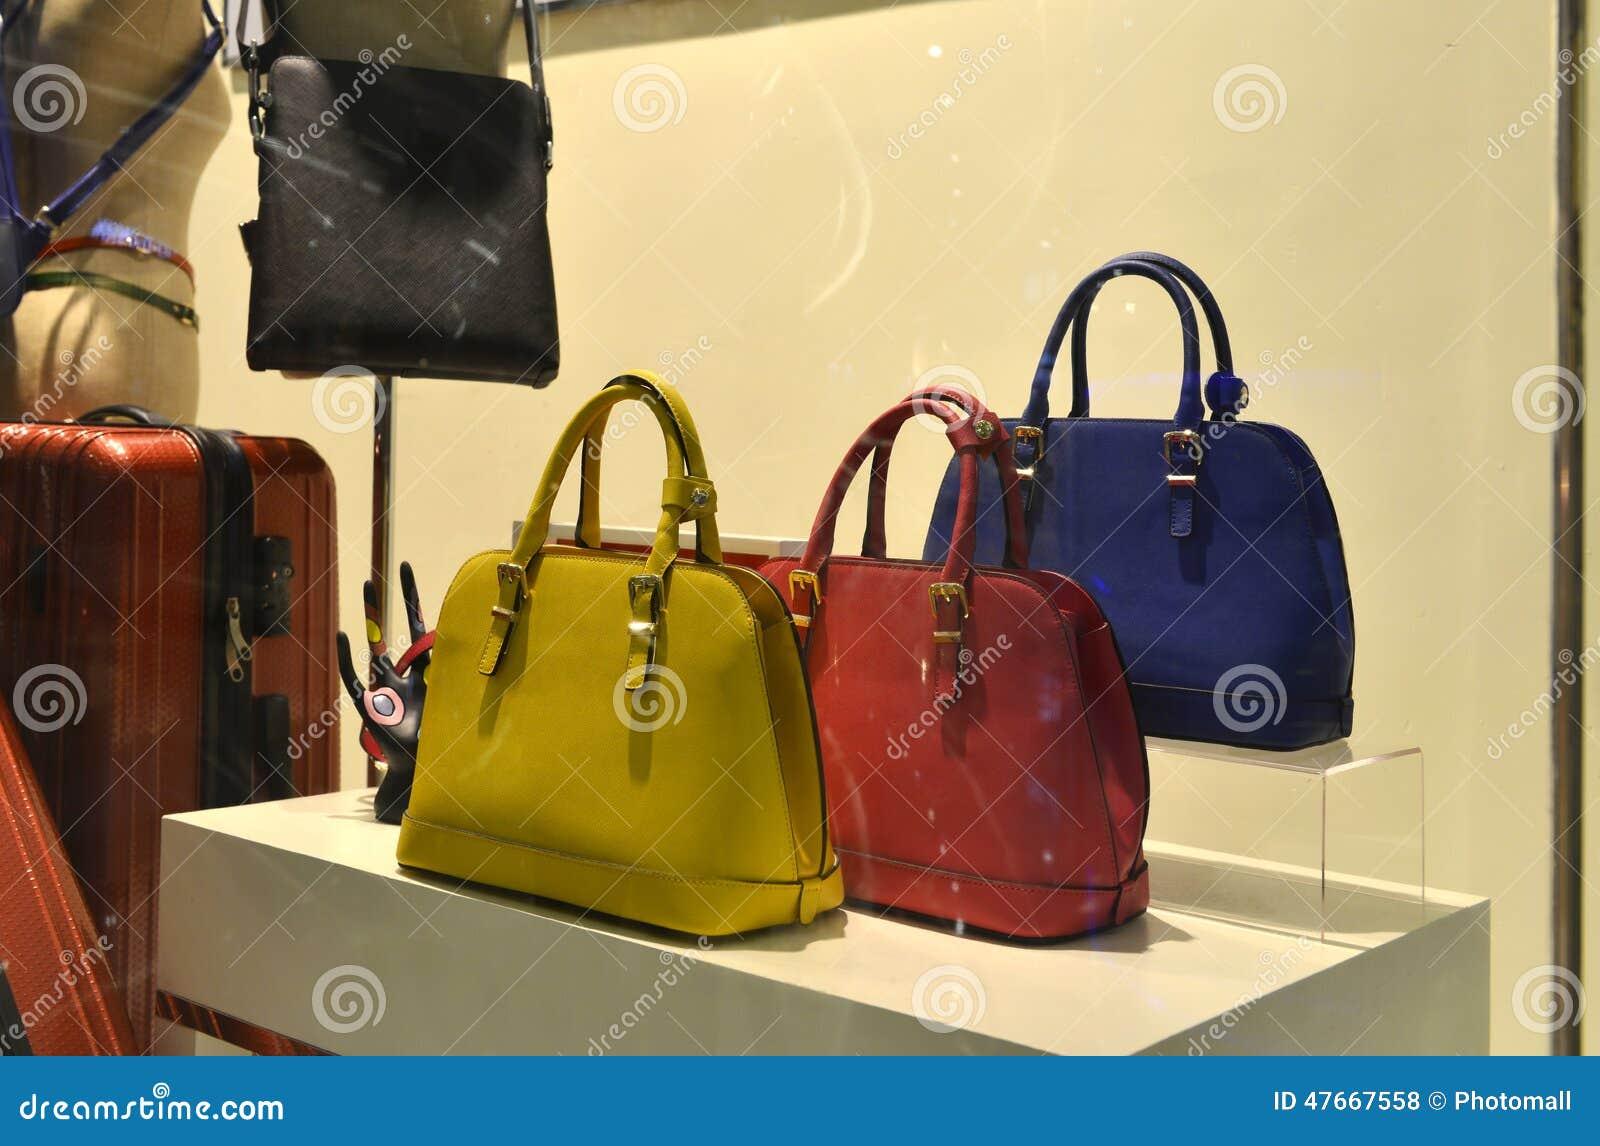 9d9f743b8c8 Femmes sac à main et accessoires dans l affichage de fenêtre de boutique de  mode